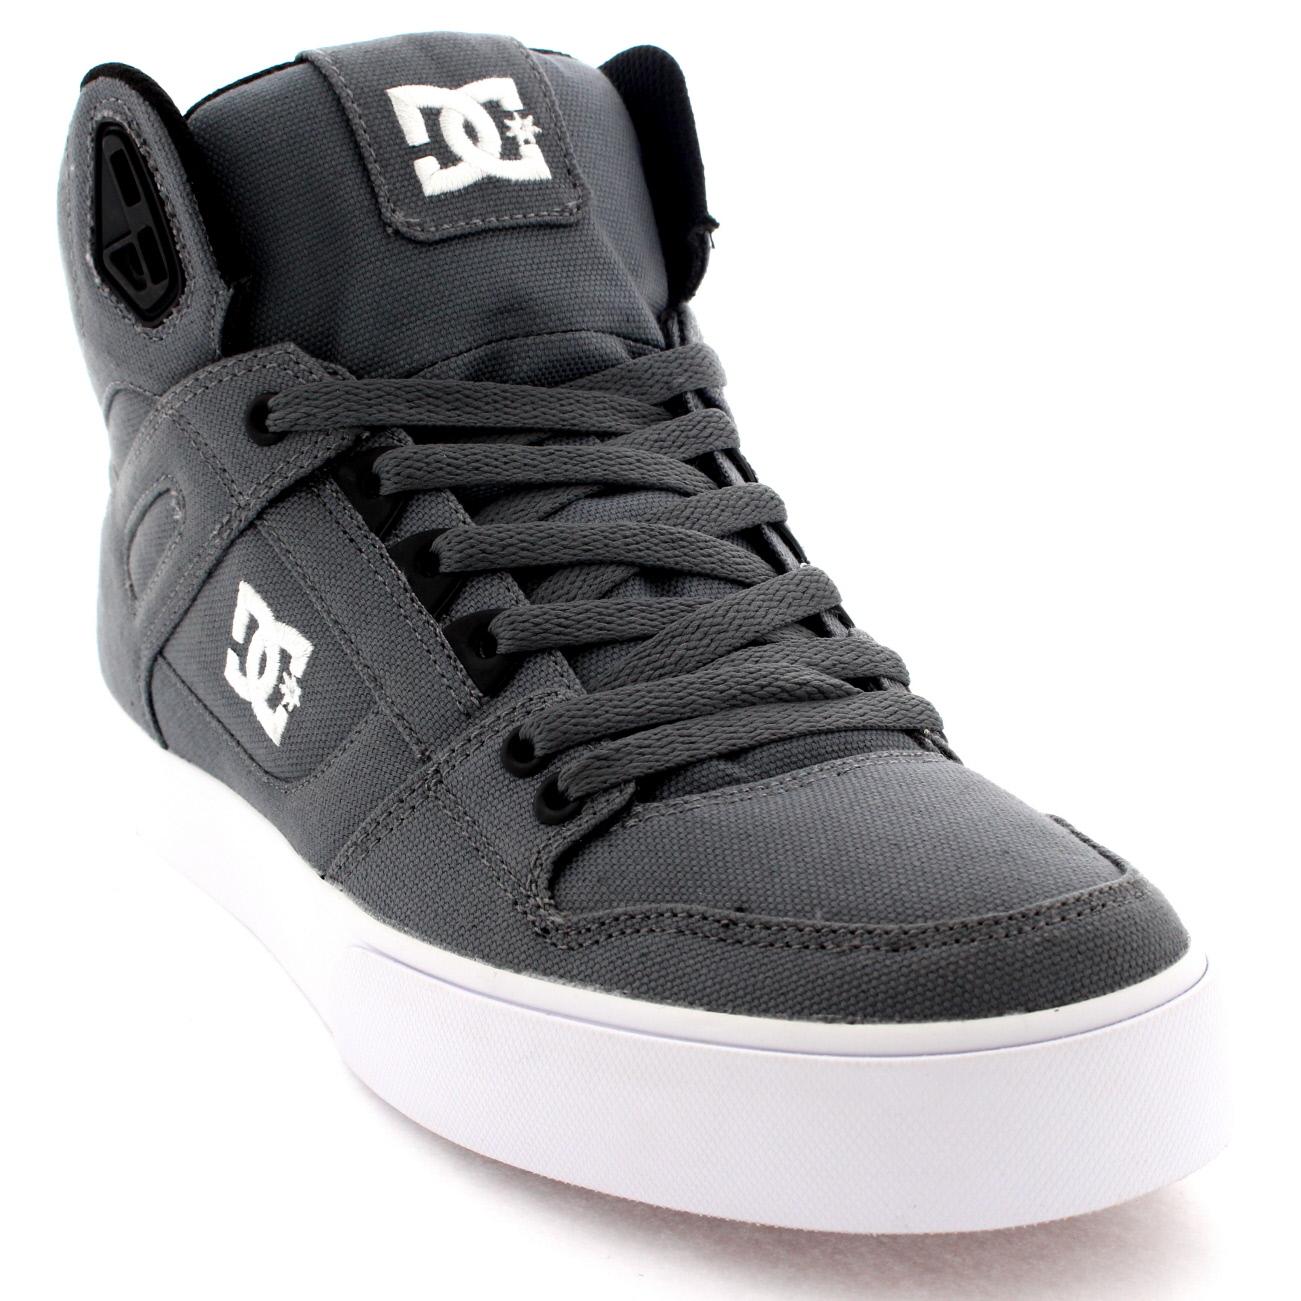 Dc Shoes Altos Tops De Los Hombres yEspJzcqb9